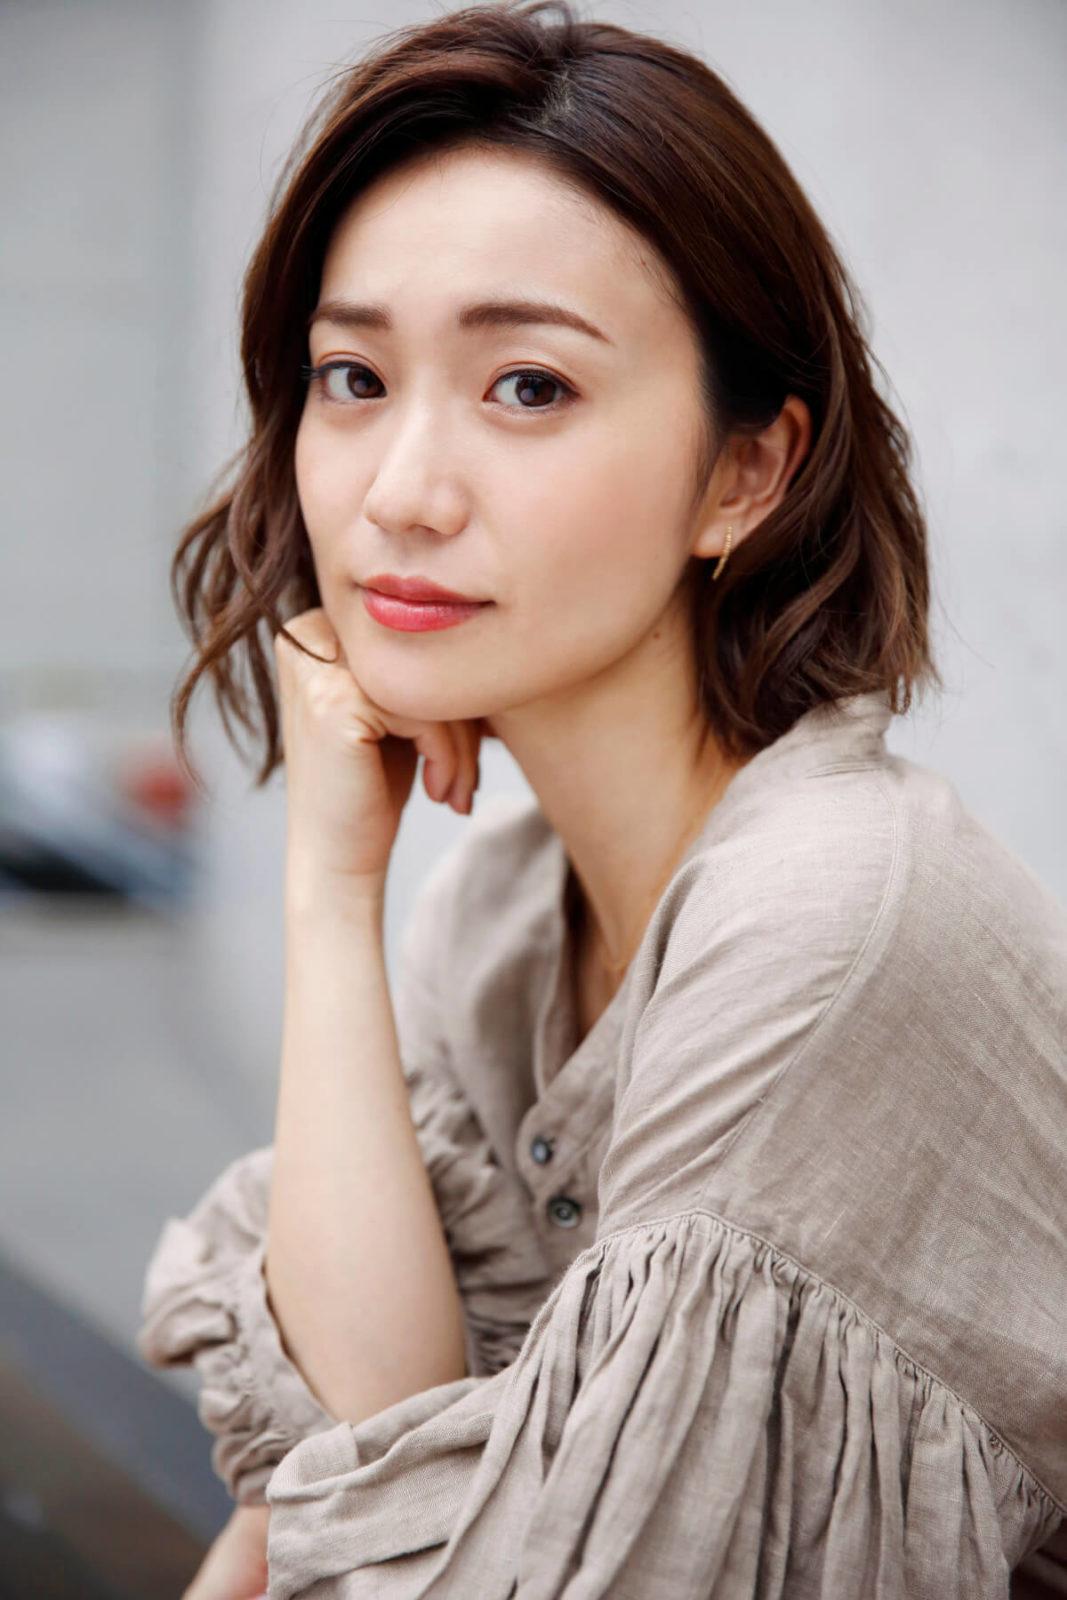 大島優子『AKBINGO!』への想いを語り反響「寂しい」「原点」サムネイル画像